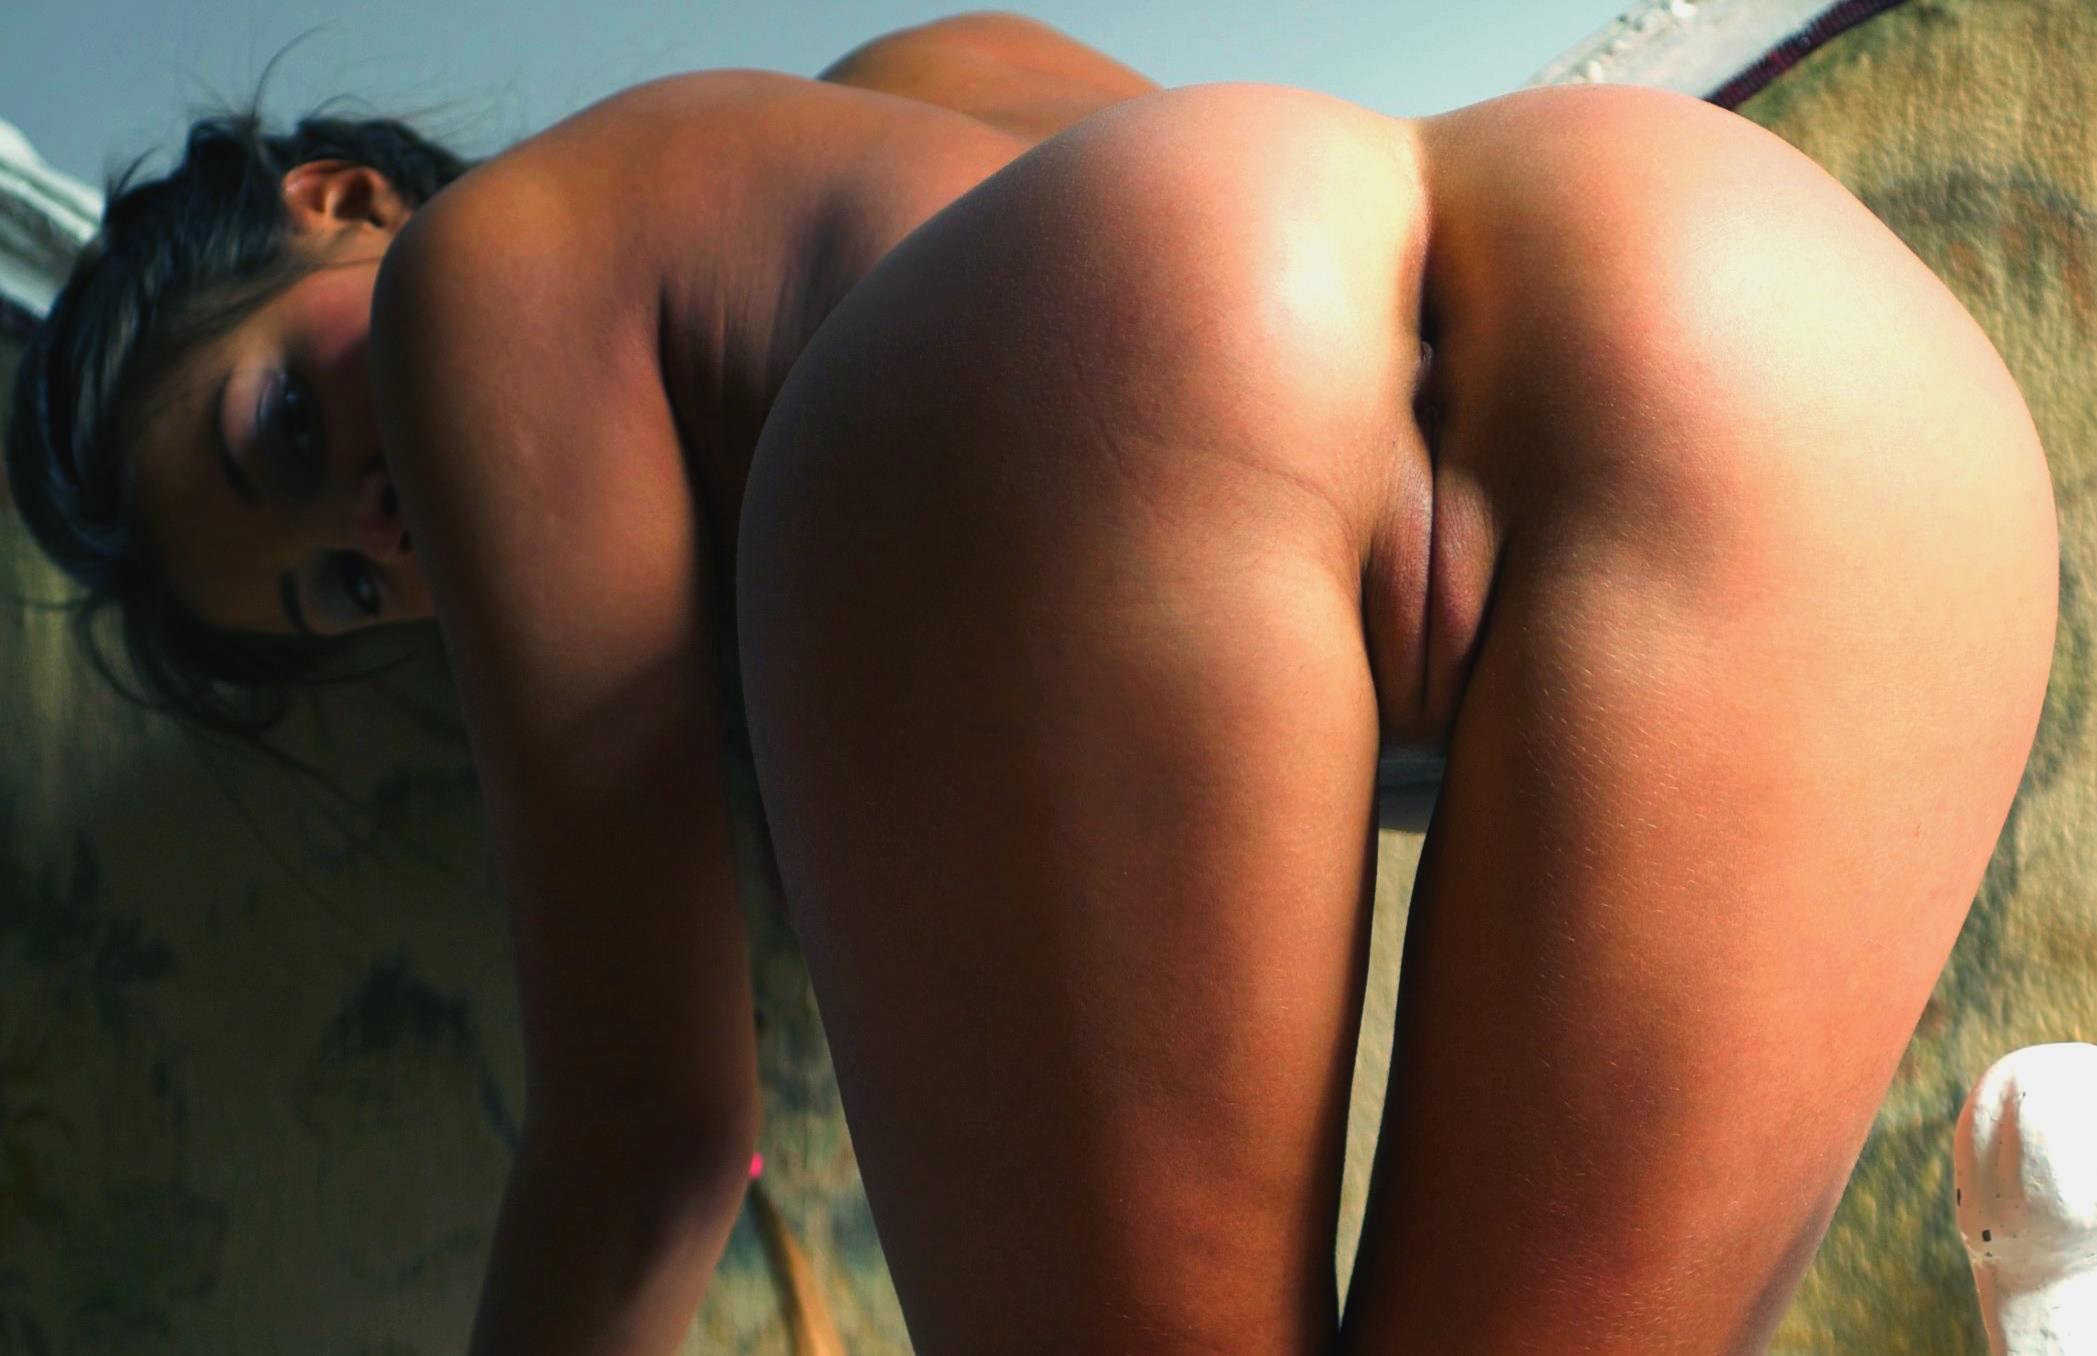 Сладкая голая попочка обои на рабочий стол